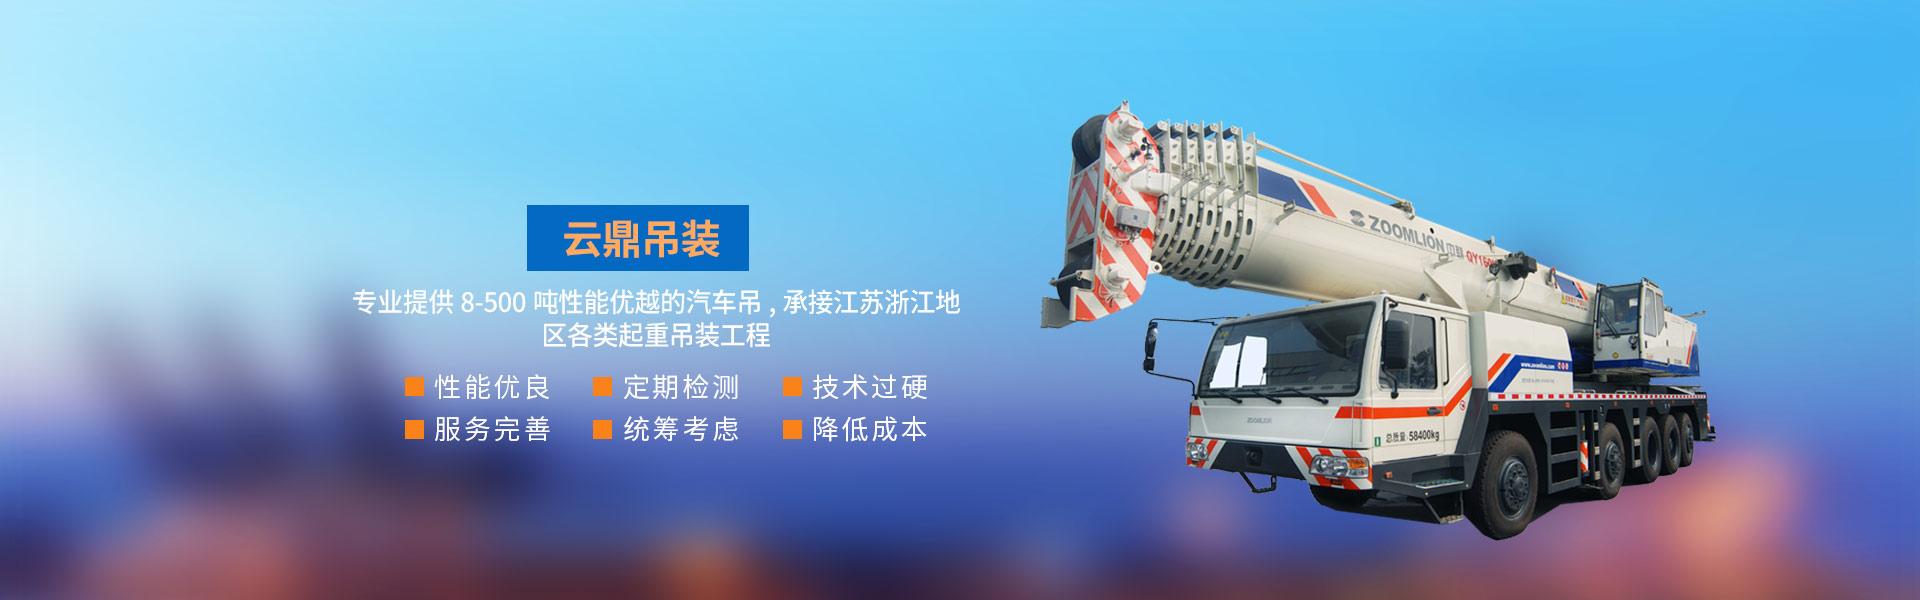 张家港吊车公司